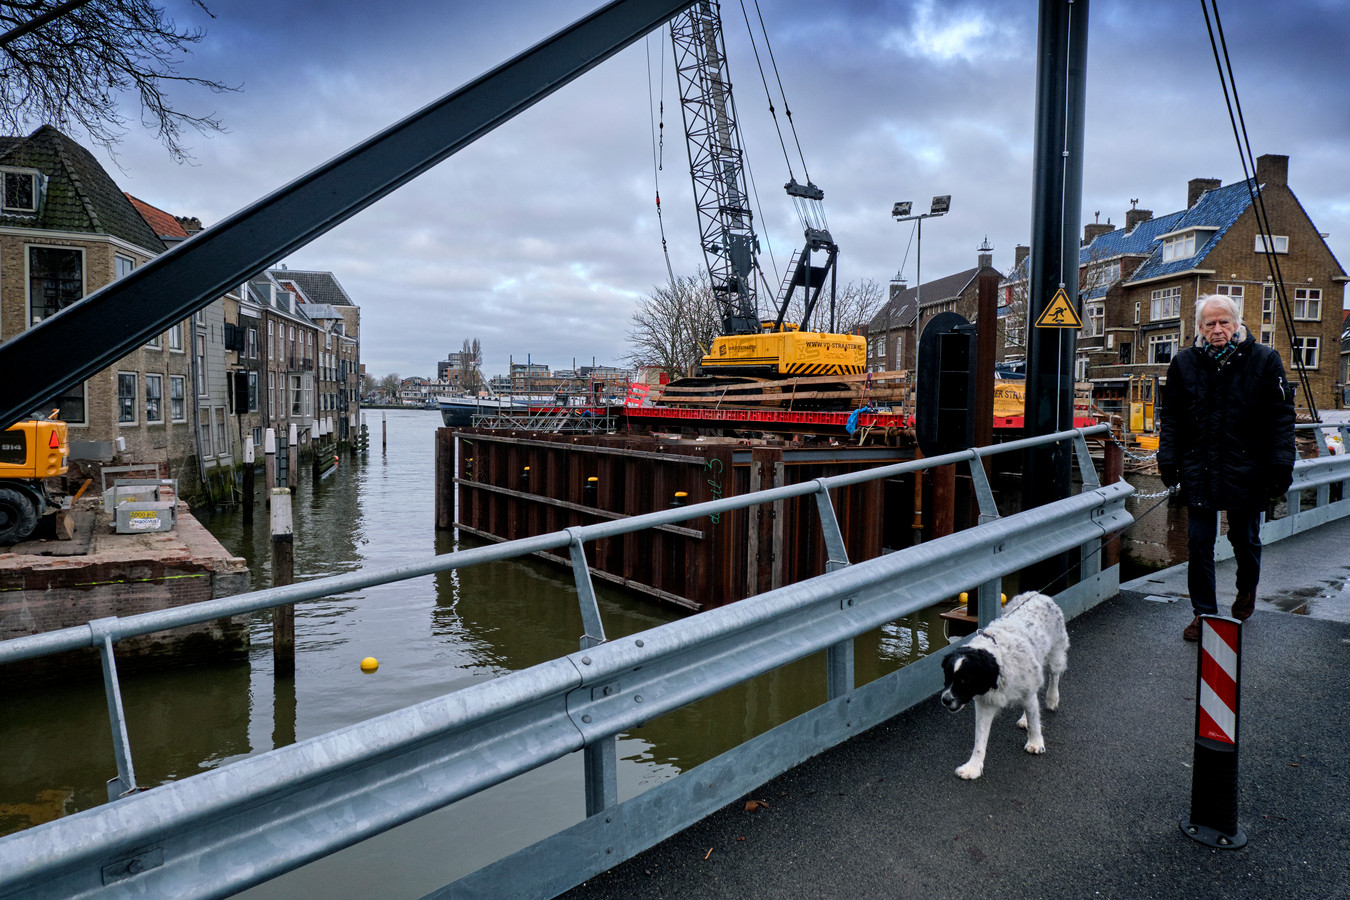 De druiven over de veel hogere kosten voor renovatie van de Engelenburgerbrug zijn zuur in de gemeenteraad. ,,Maar we hebben geen keus.''